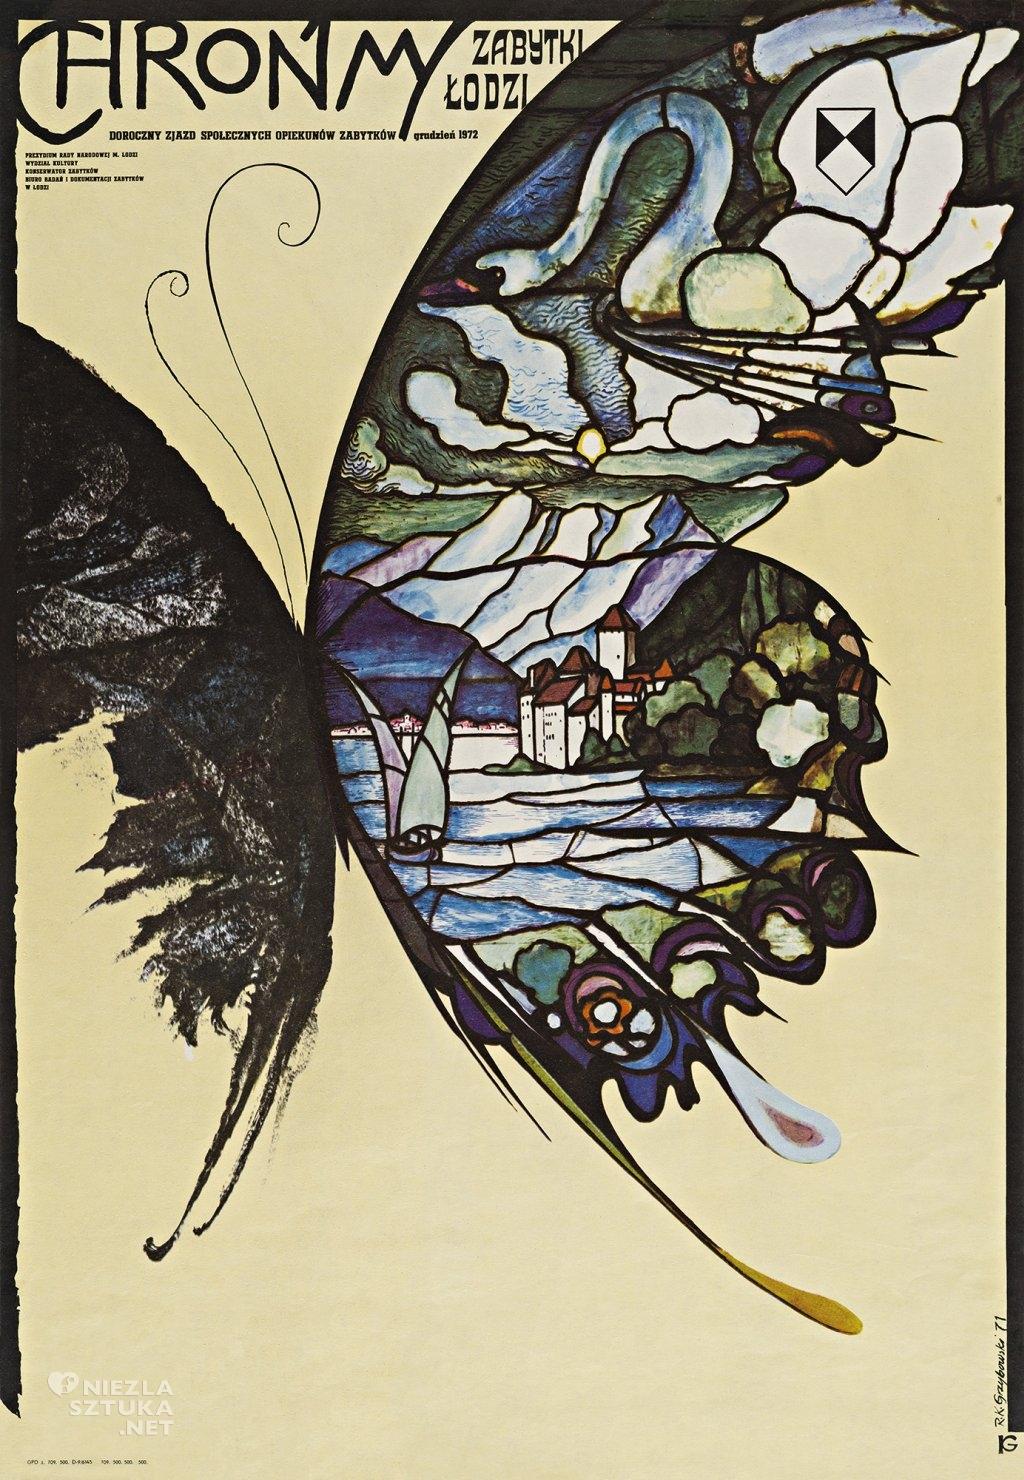 Chrońmy zabytki Łodzi. Doroczny zjazd społecznych opiekunów zabytków grudzień 1972, offset barwny, papier 83,5x58 cm